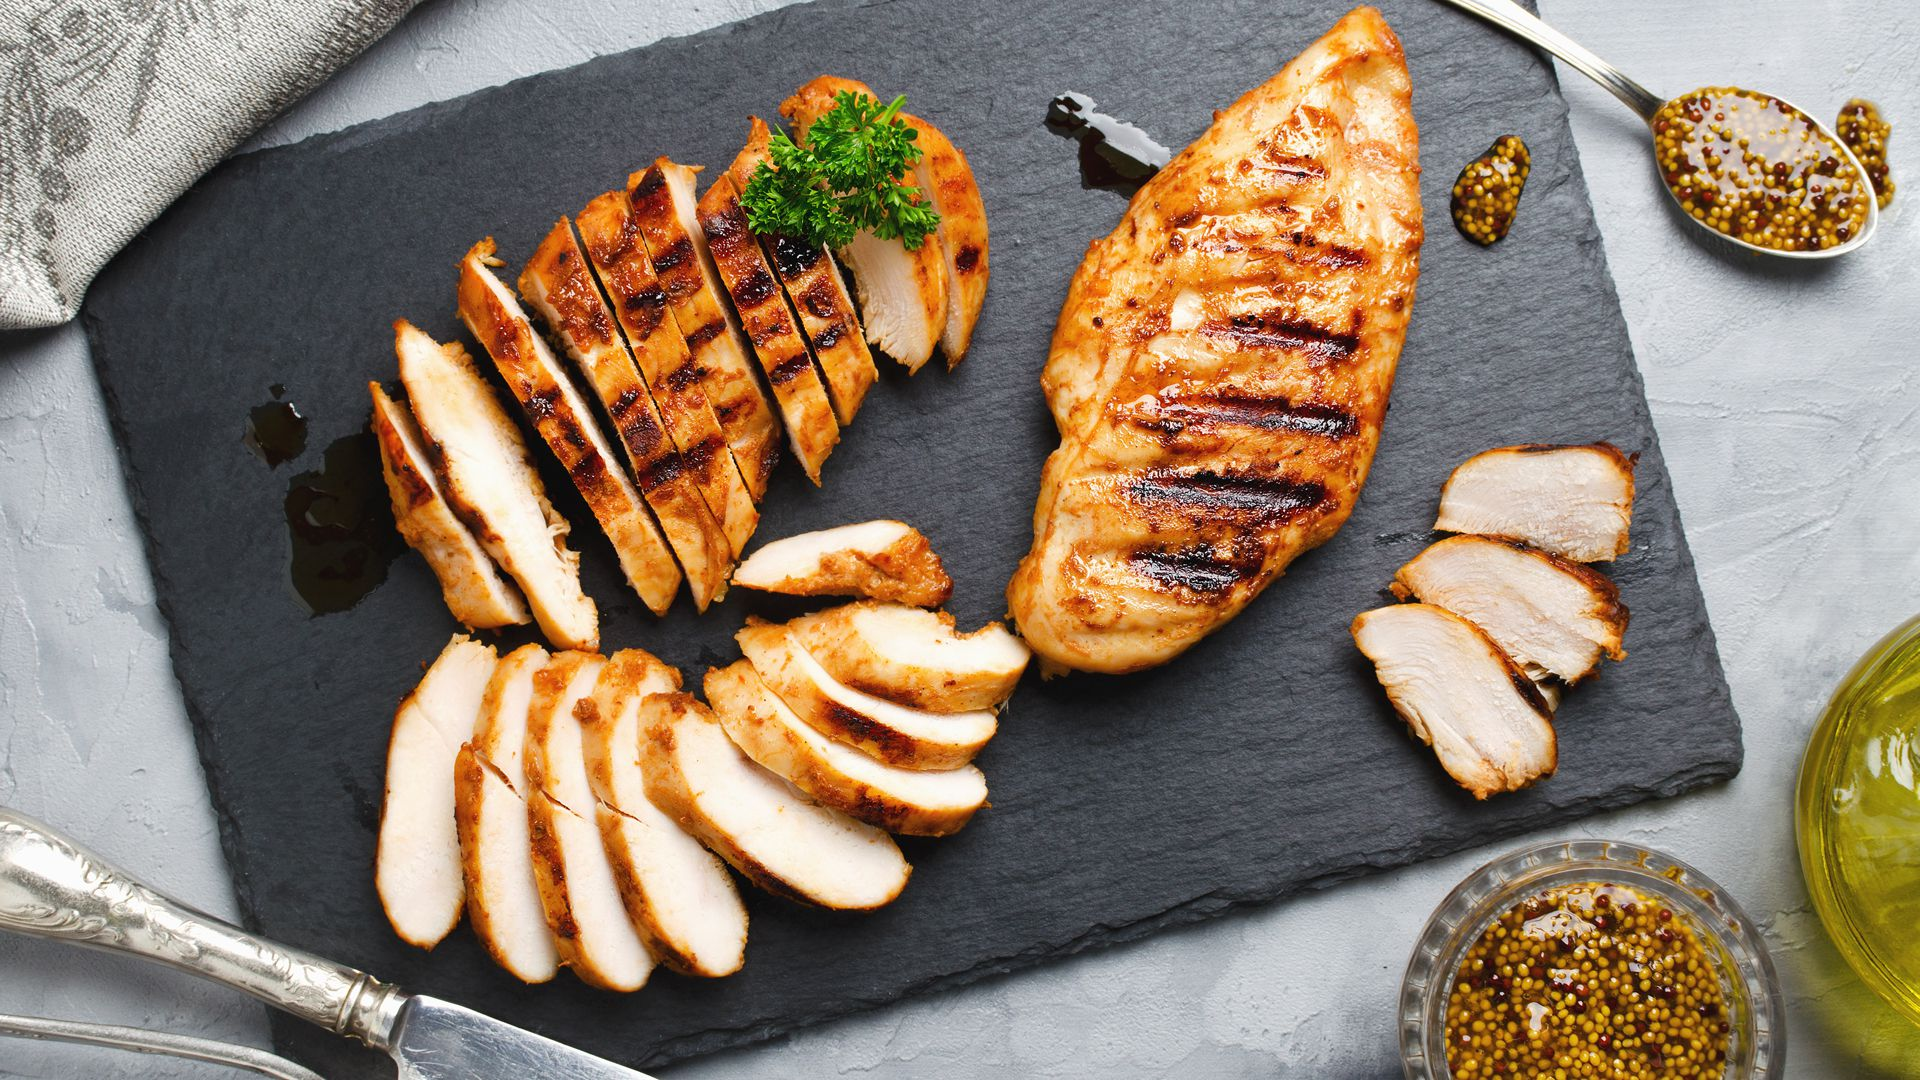 En marzo pasado, el precio del pollo se incrementó un 62% interanual.